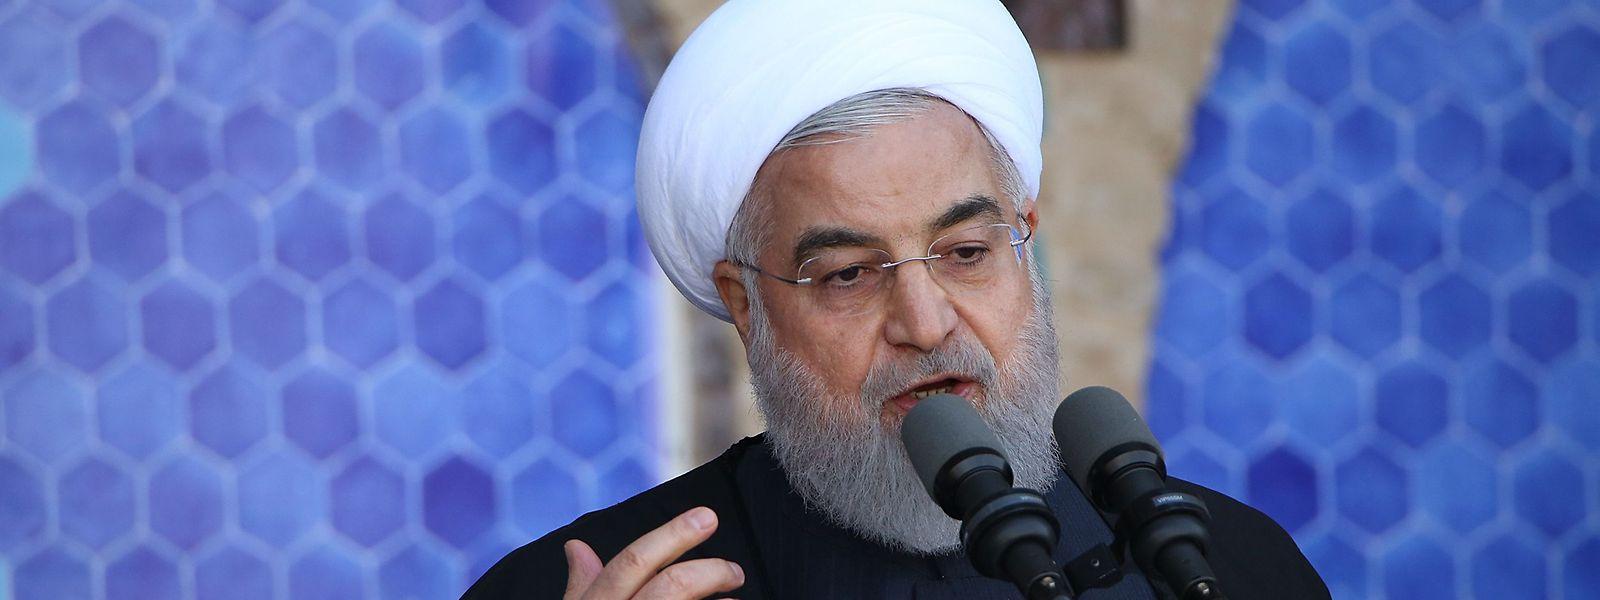 Irans Präsident Hassan Rouhani. Der iranische Präsident Hassan Rouhani hat einen weiteren Teilausstieg aus dem Wiener Atomabkommen angekündigt.